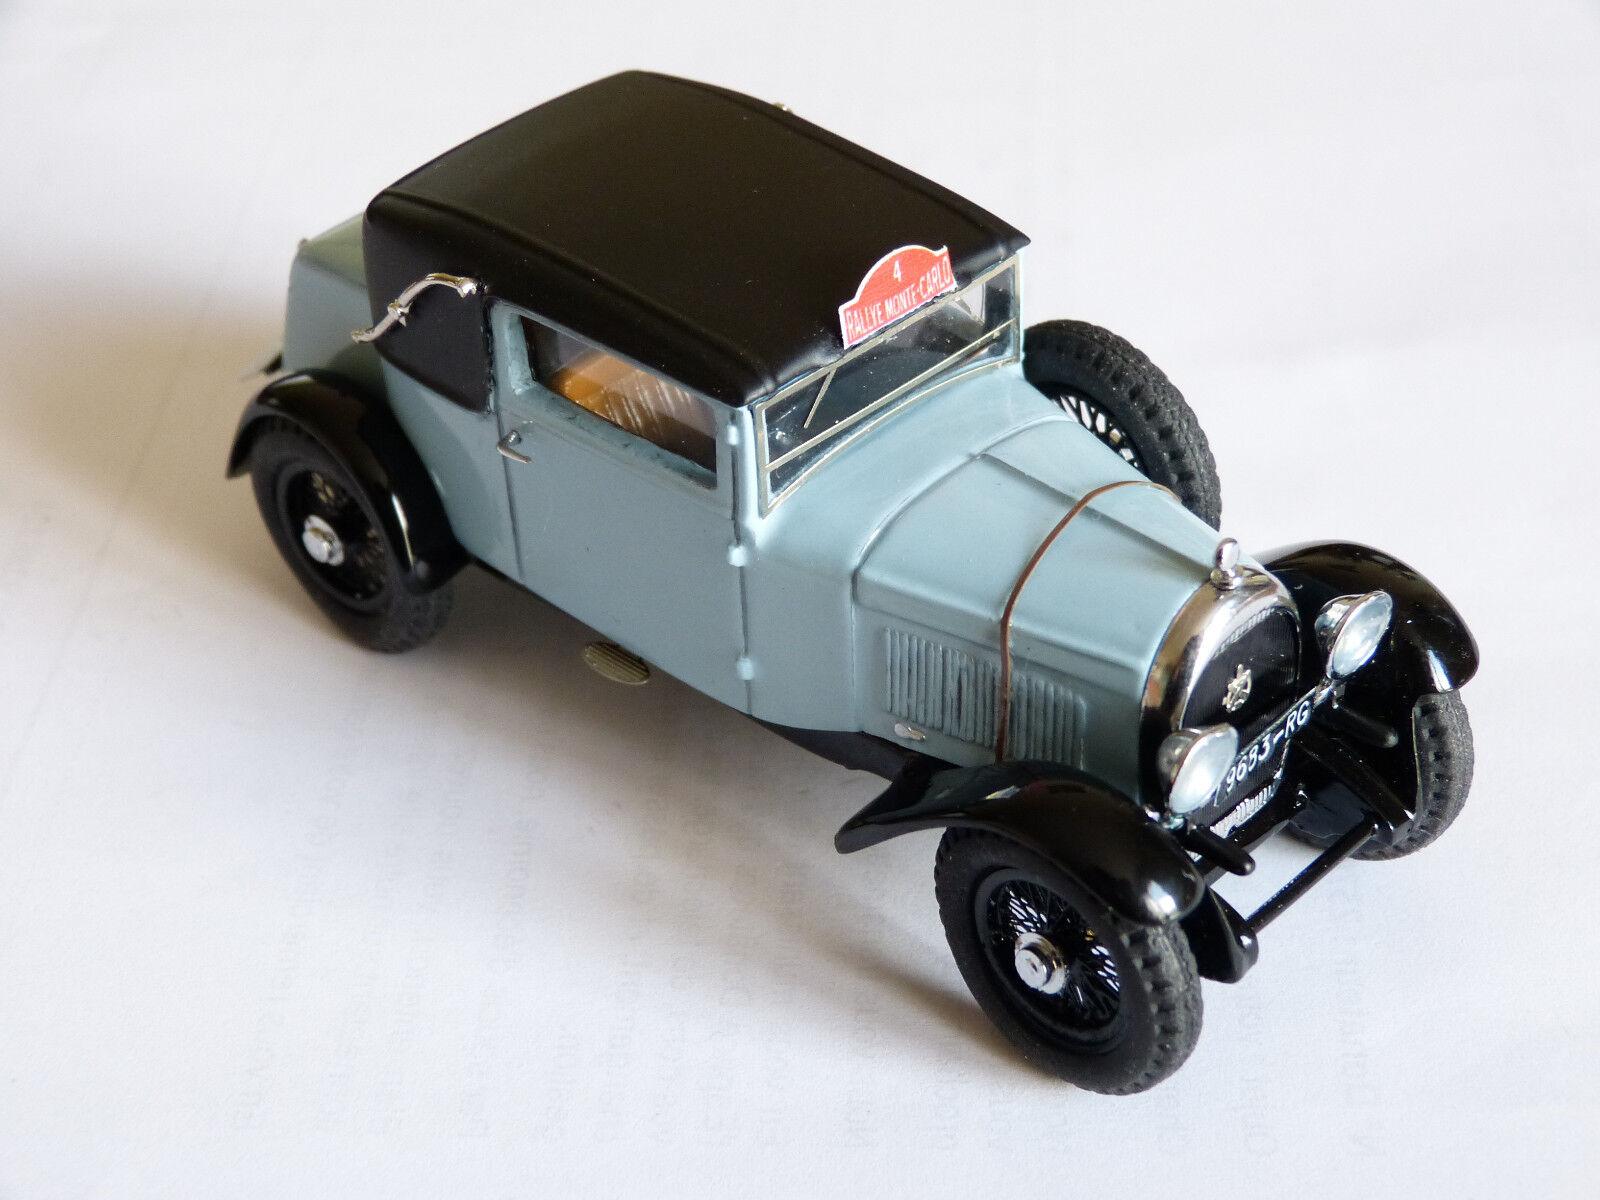 Kit für mini - auto - ccc  hotchkiss am80s mont é carlo 1934